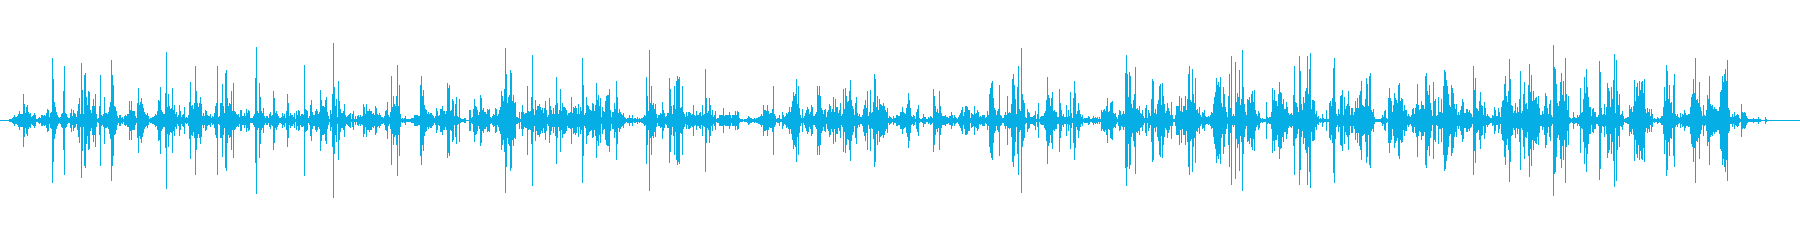 フットステプス、小石、遅い; DI...の再生済みの波形